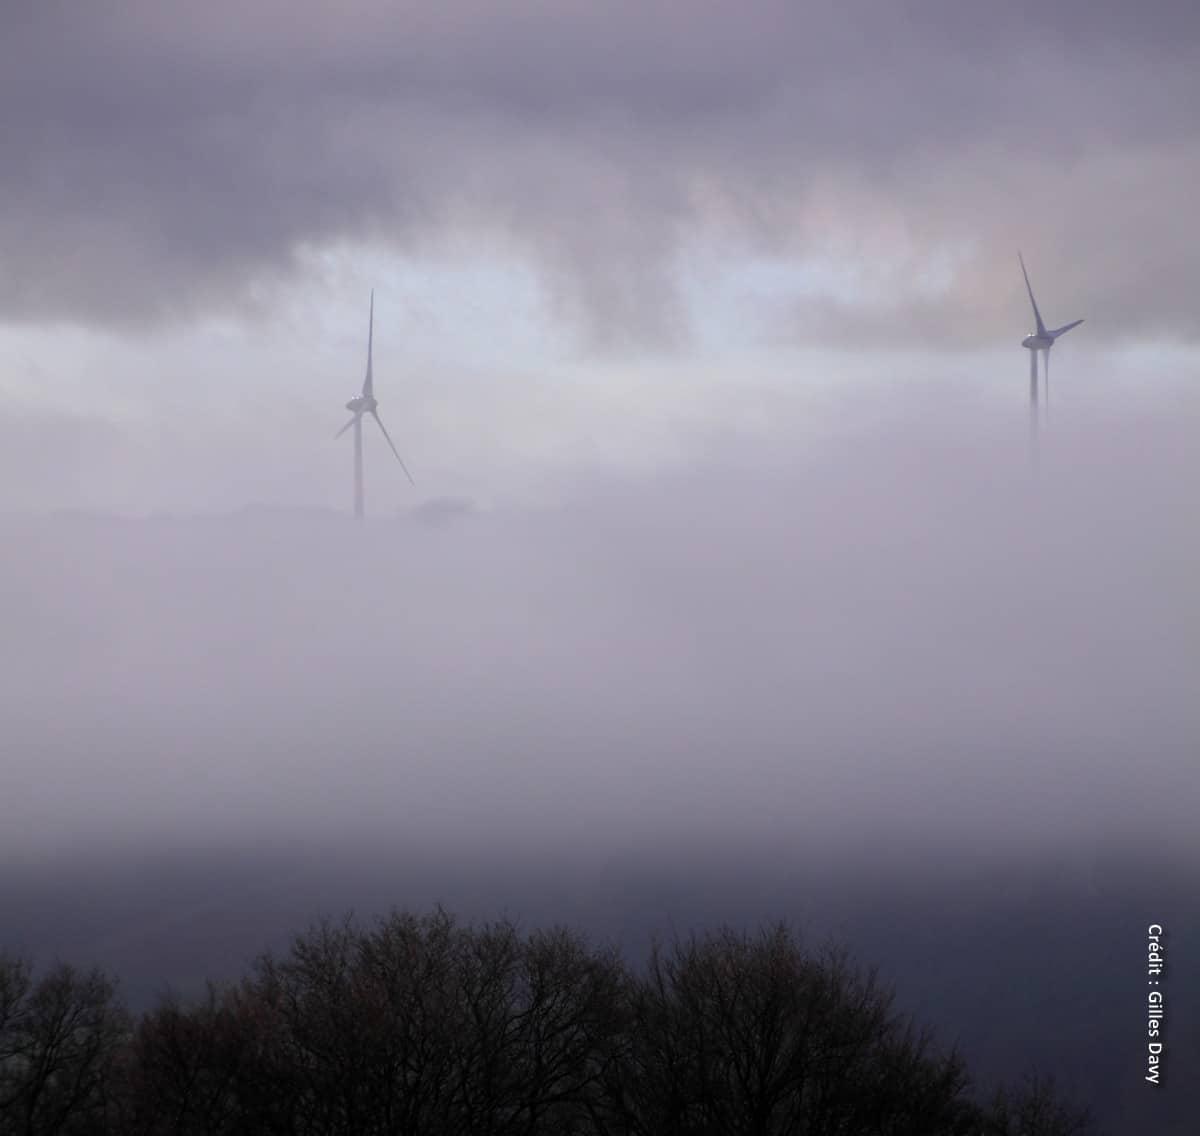 Les 29, 30 septembre et 1er octobre 2021 à Millau (Aveyron, Occitanie), rendez-vous pour les prochaines Rencontres Énergie et territoires ruraux, vers des territoires à énergie positive.